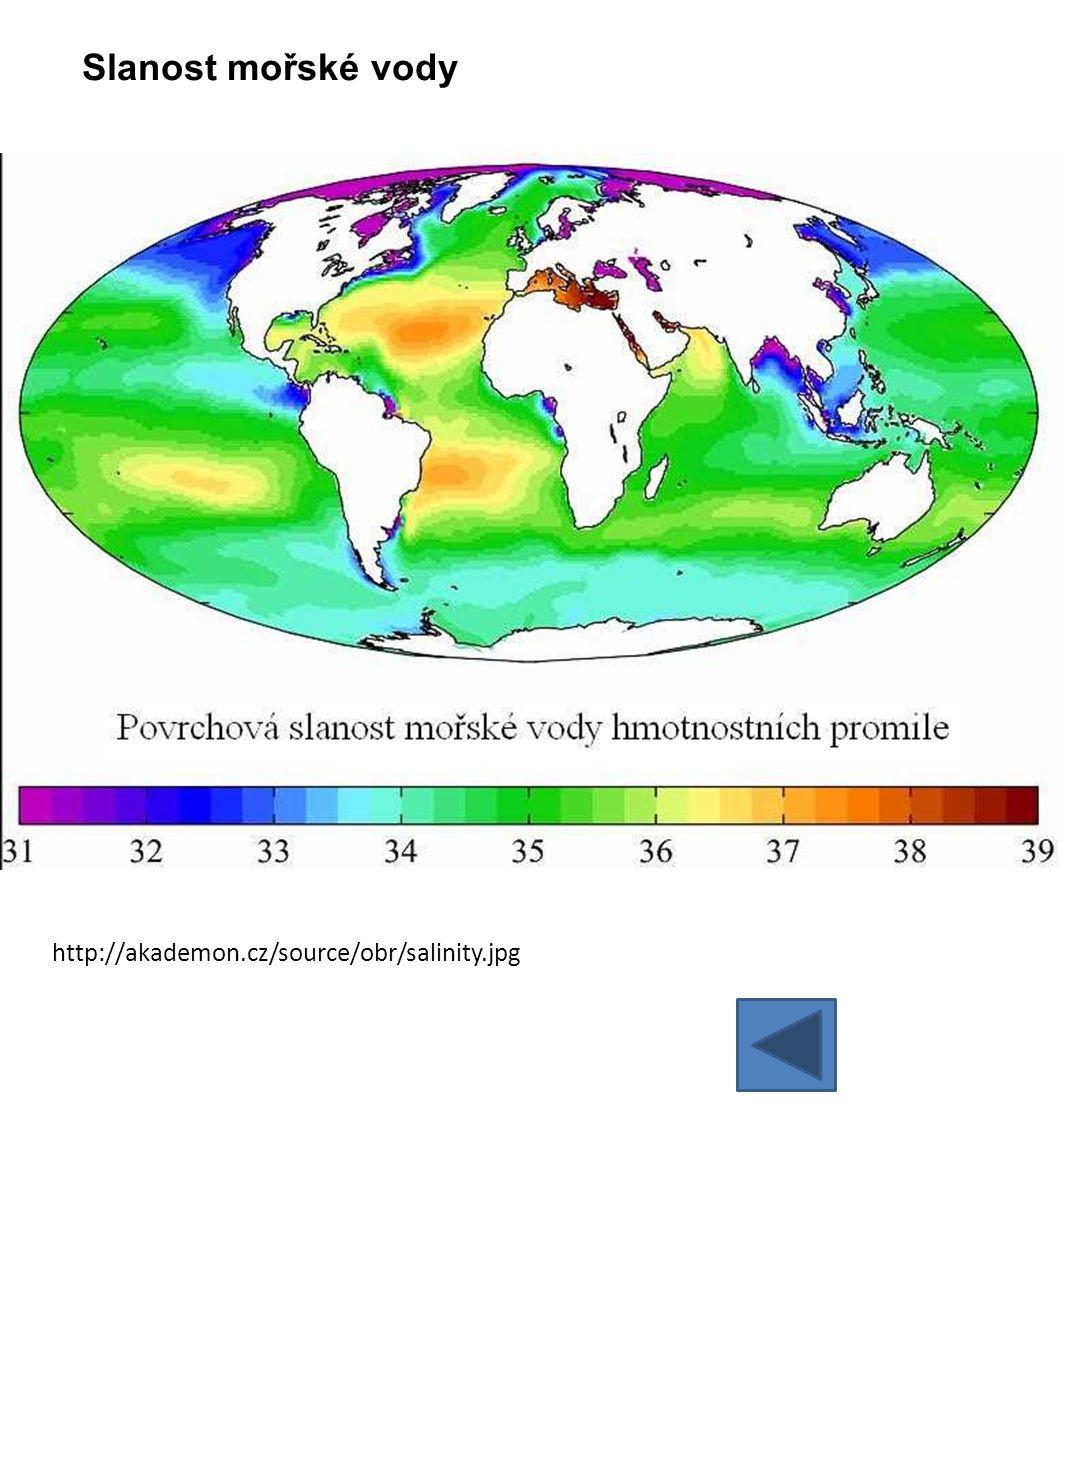 e) pohyby mořské vody 1.) vlnění 2.) příliv a odliv = dmutí 3.) mořské proudy • jaké jsou hlavní příčiny těchto jevů?